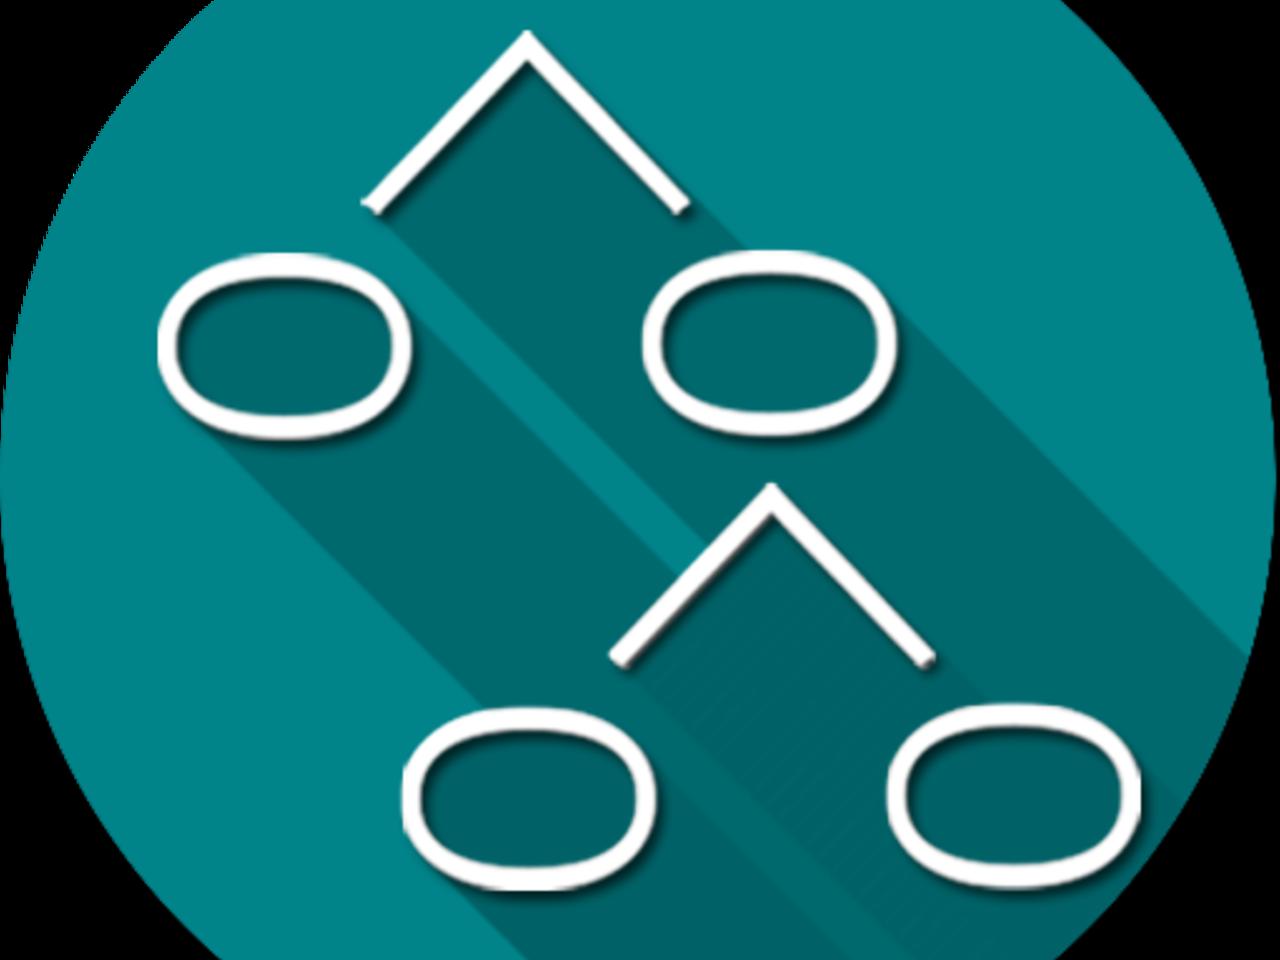 Beginner friendly neural network software